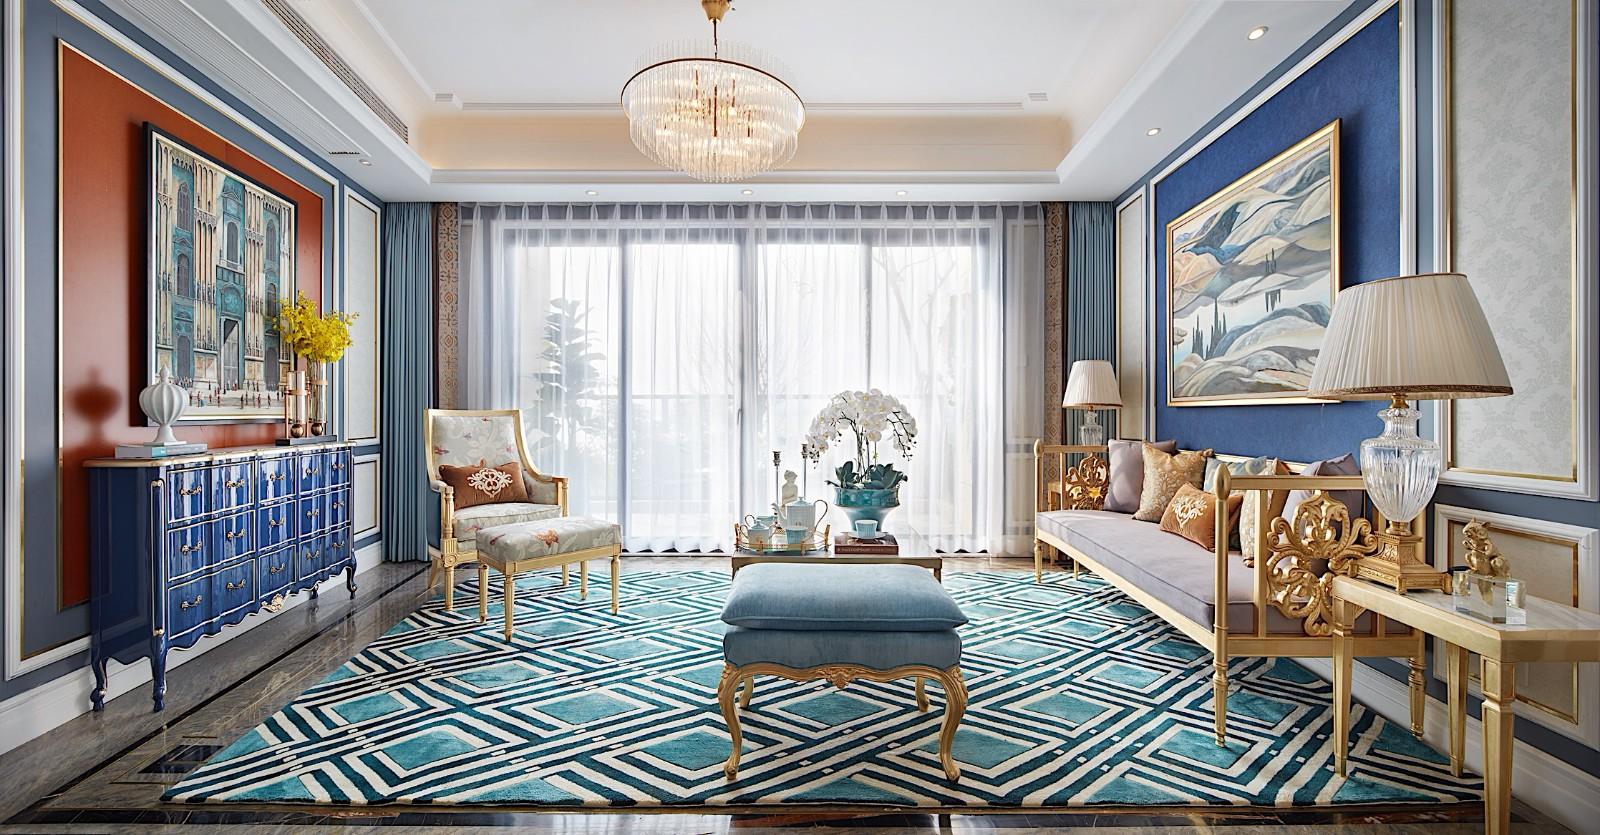 法式风格奢华空间装修效果图